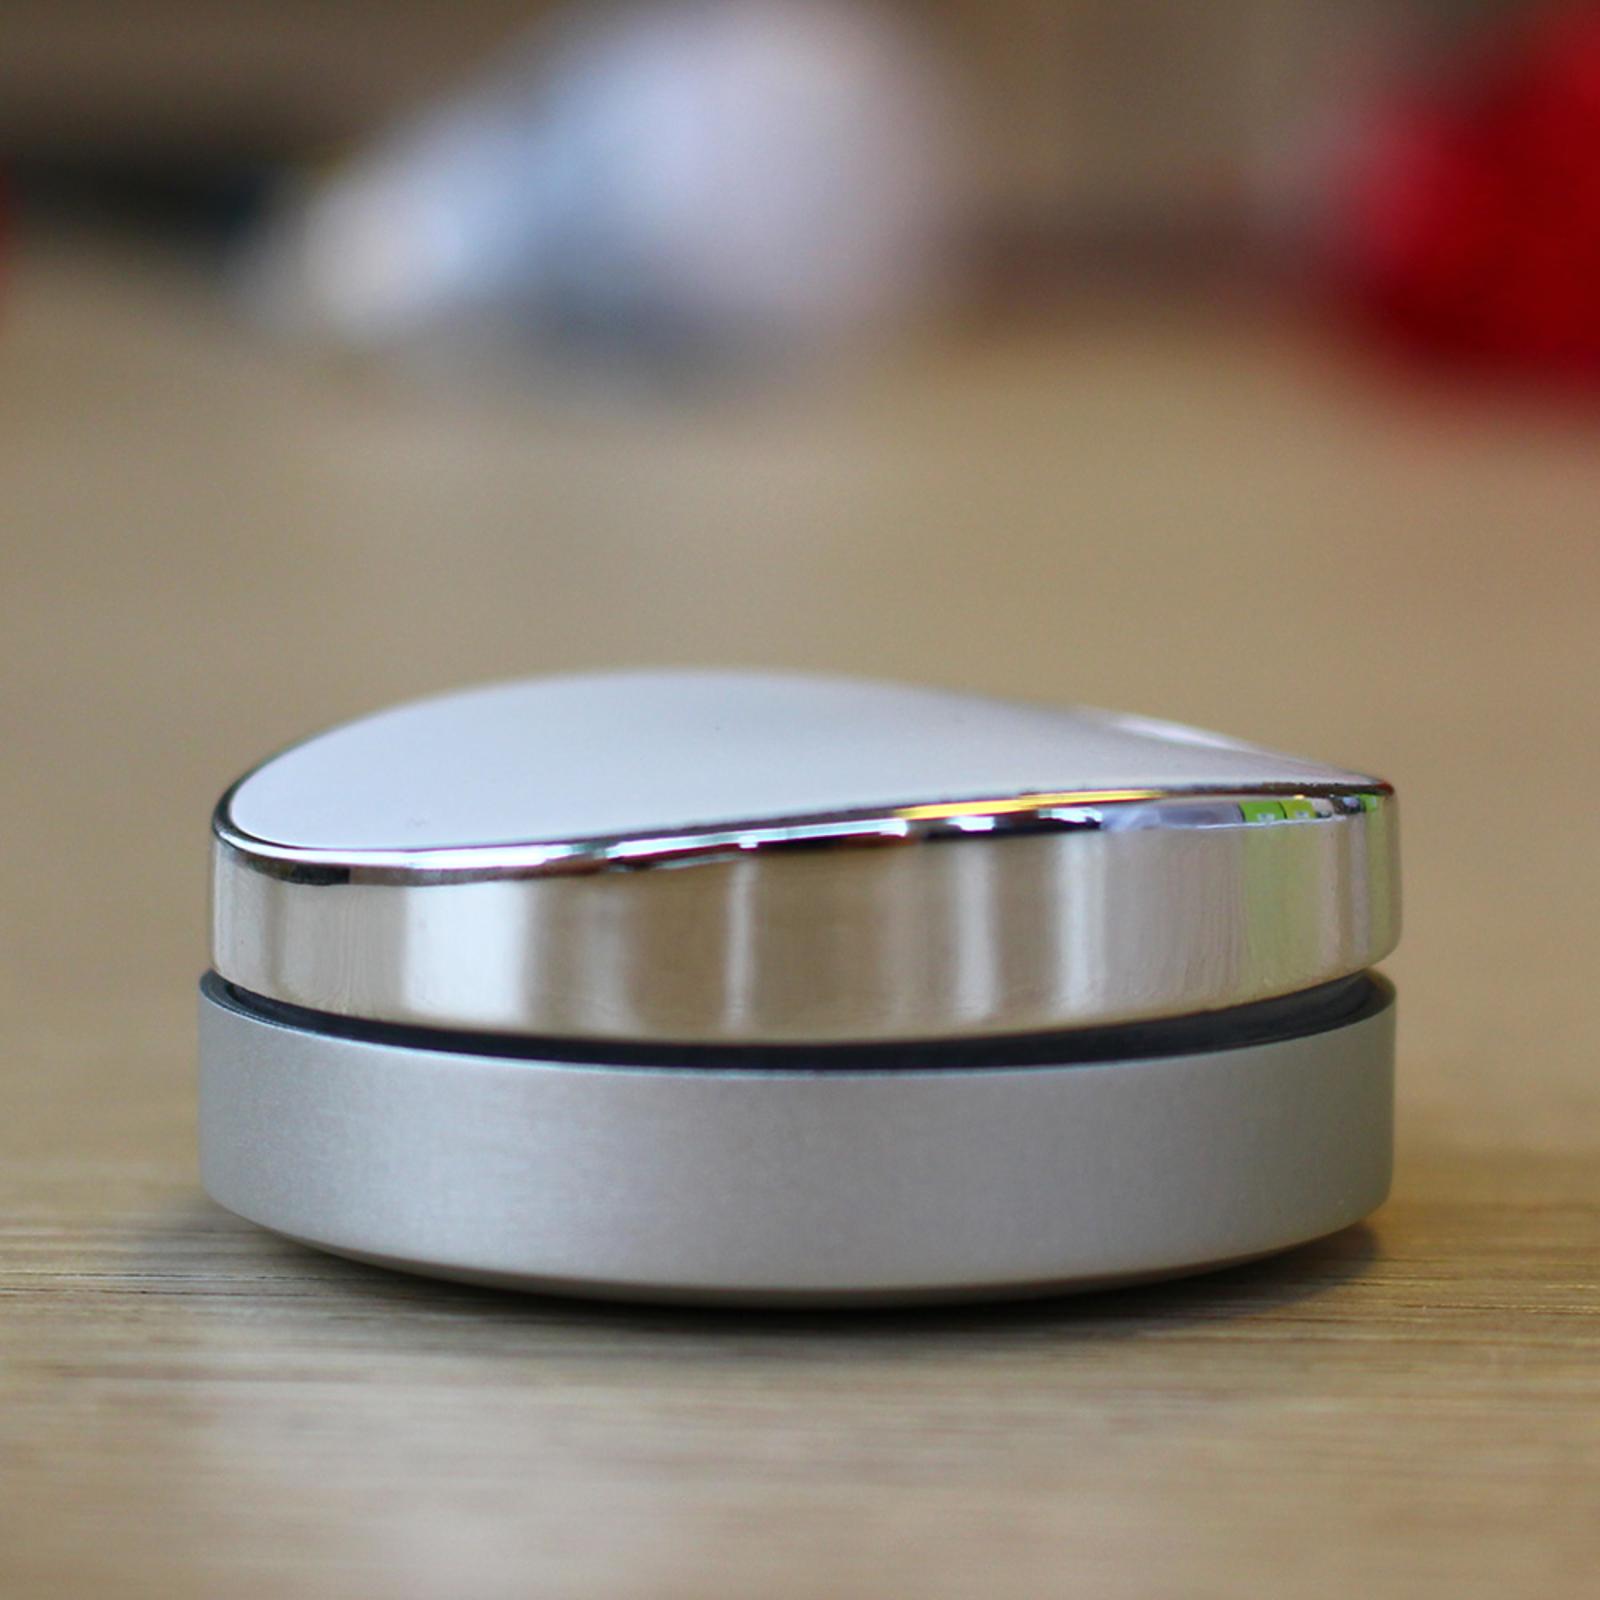 AwoX SmartPEPPLE przełącznik sterujący